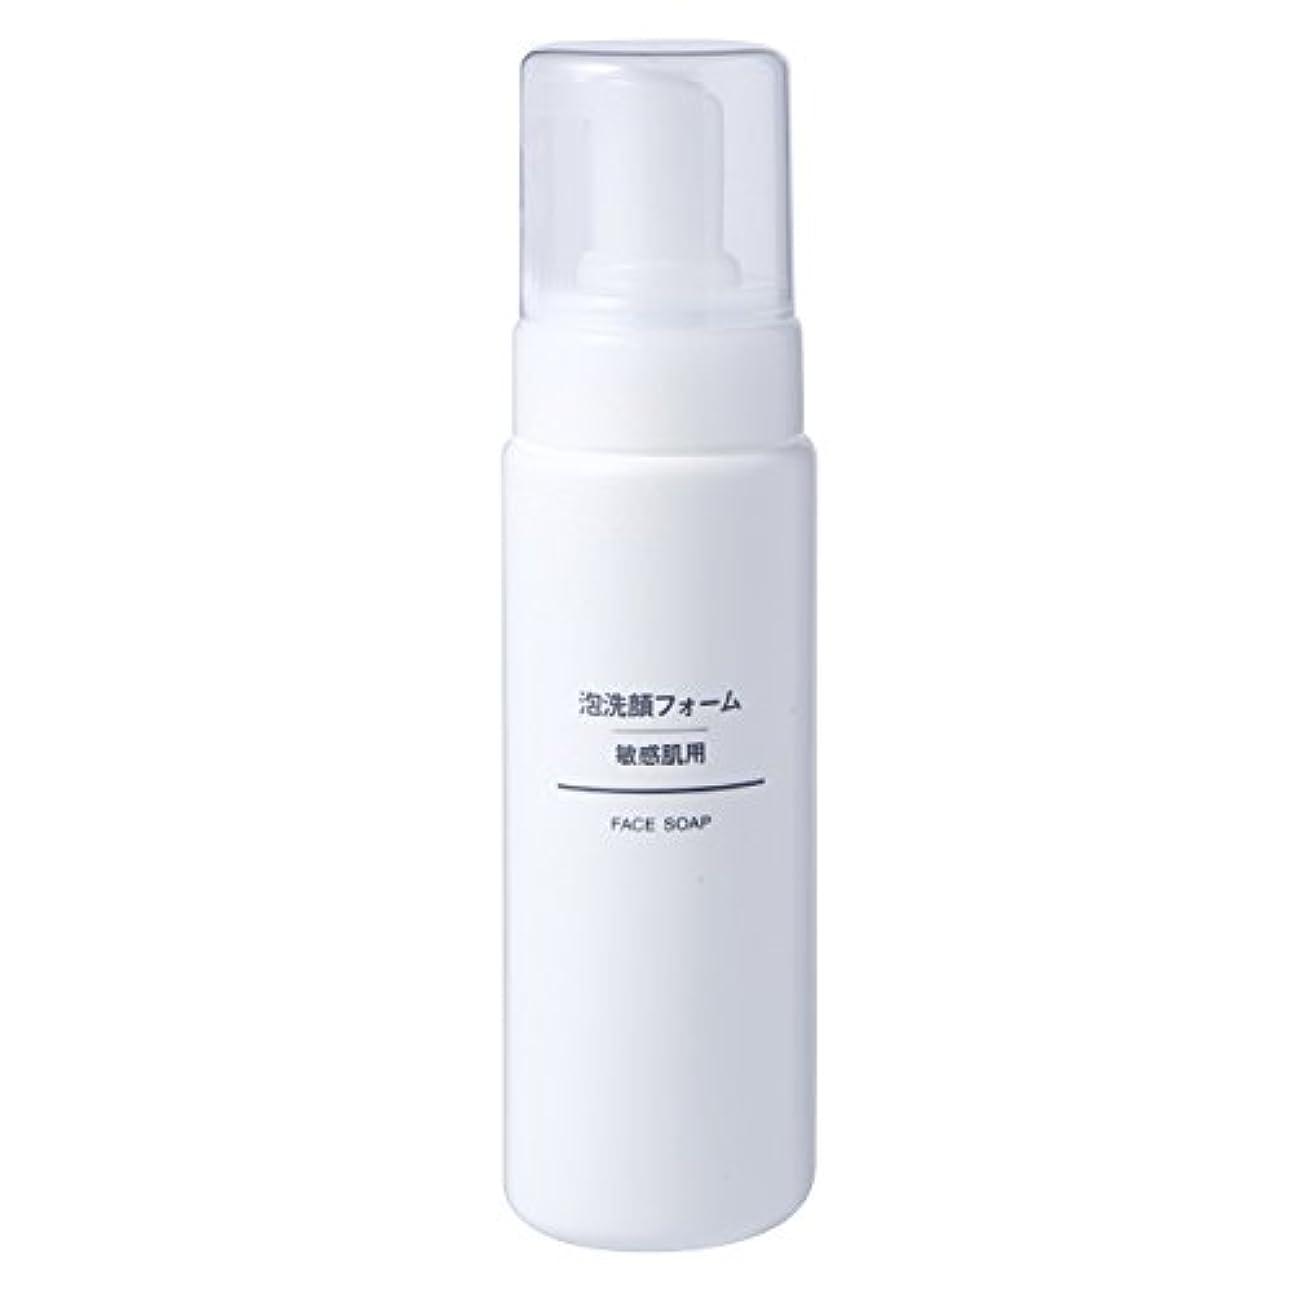 に賛成浴雰囲気無印良品 泡洗顔フォーム 敏感肌用 200ml